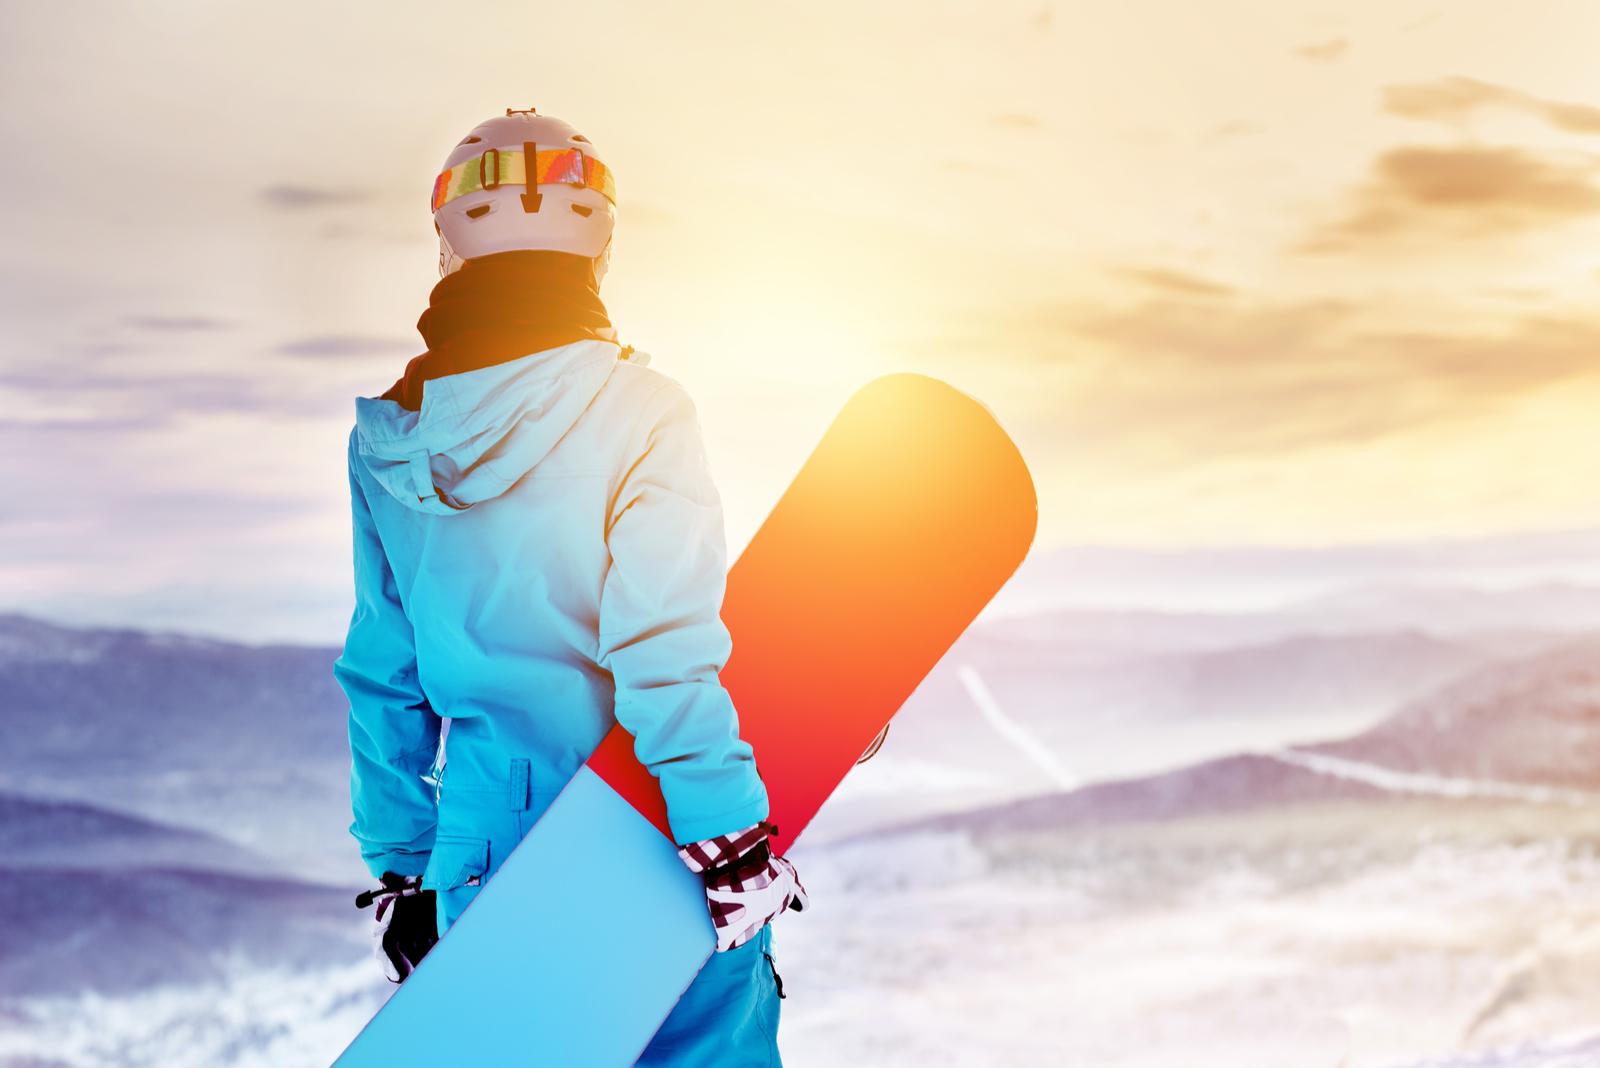 allenamento per lo sci da fare per arrivare in forma in montagna